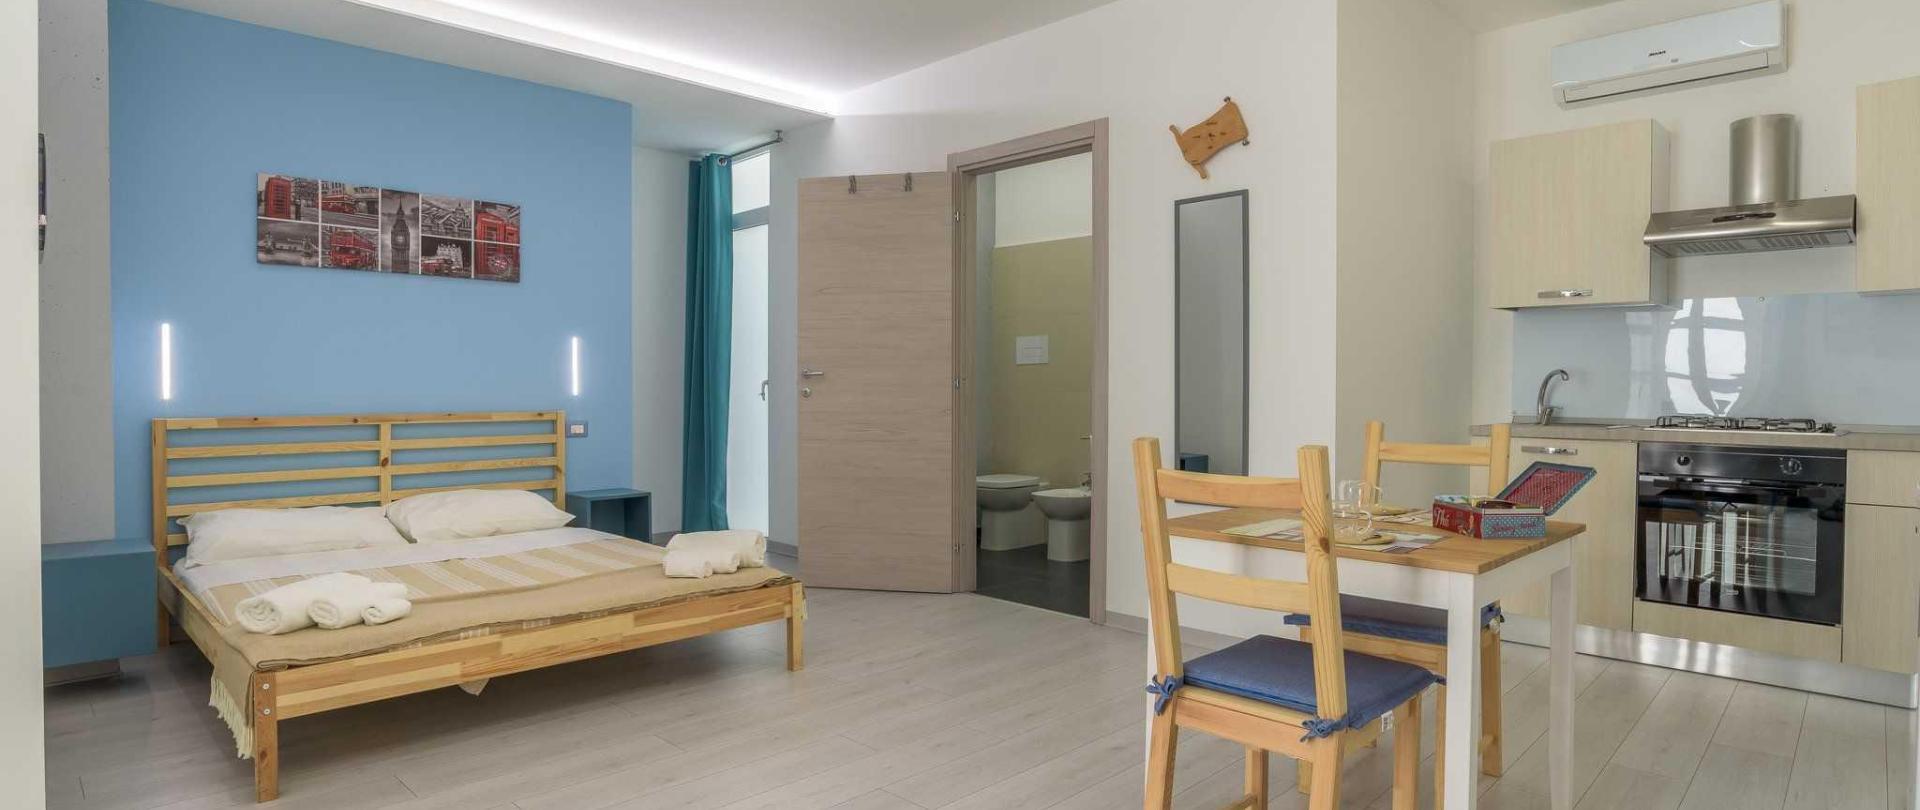 appartamenti-ragusa-15.jpg